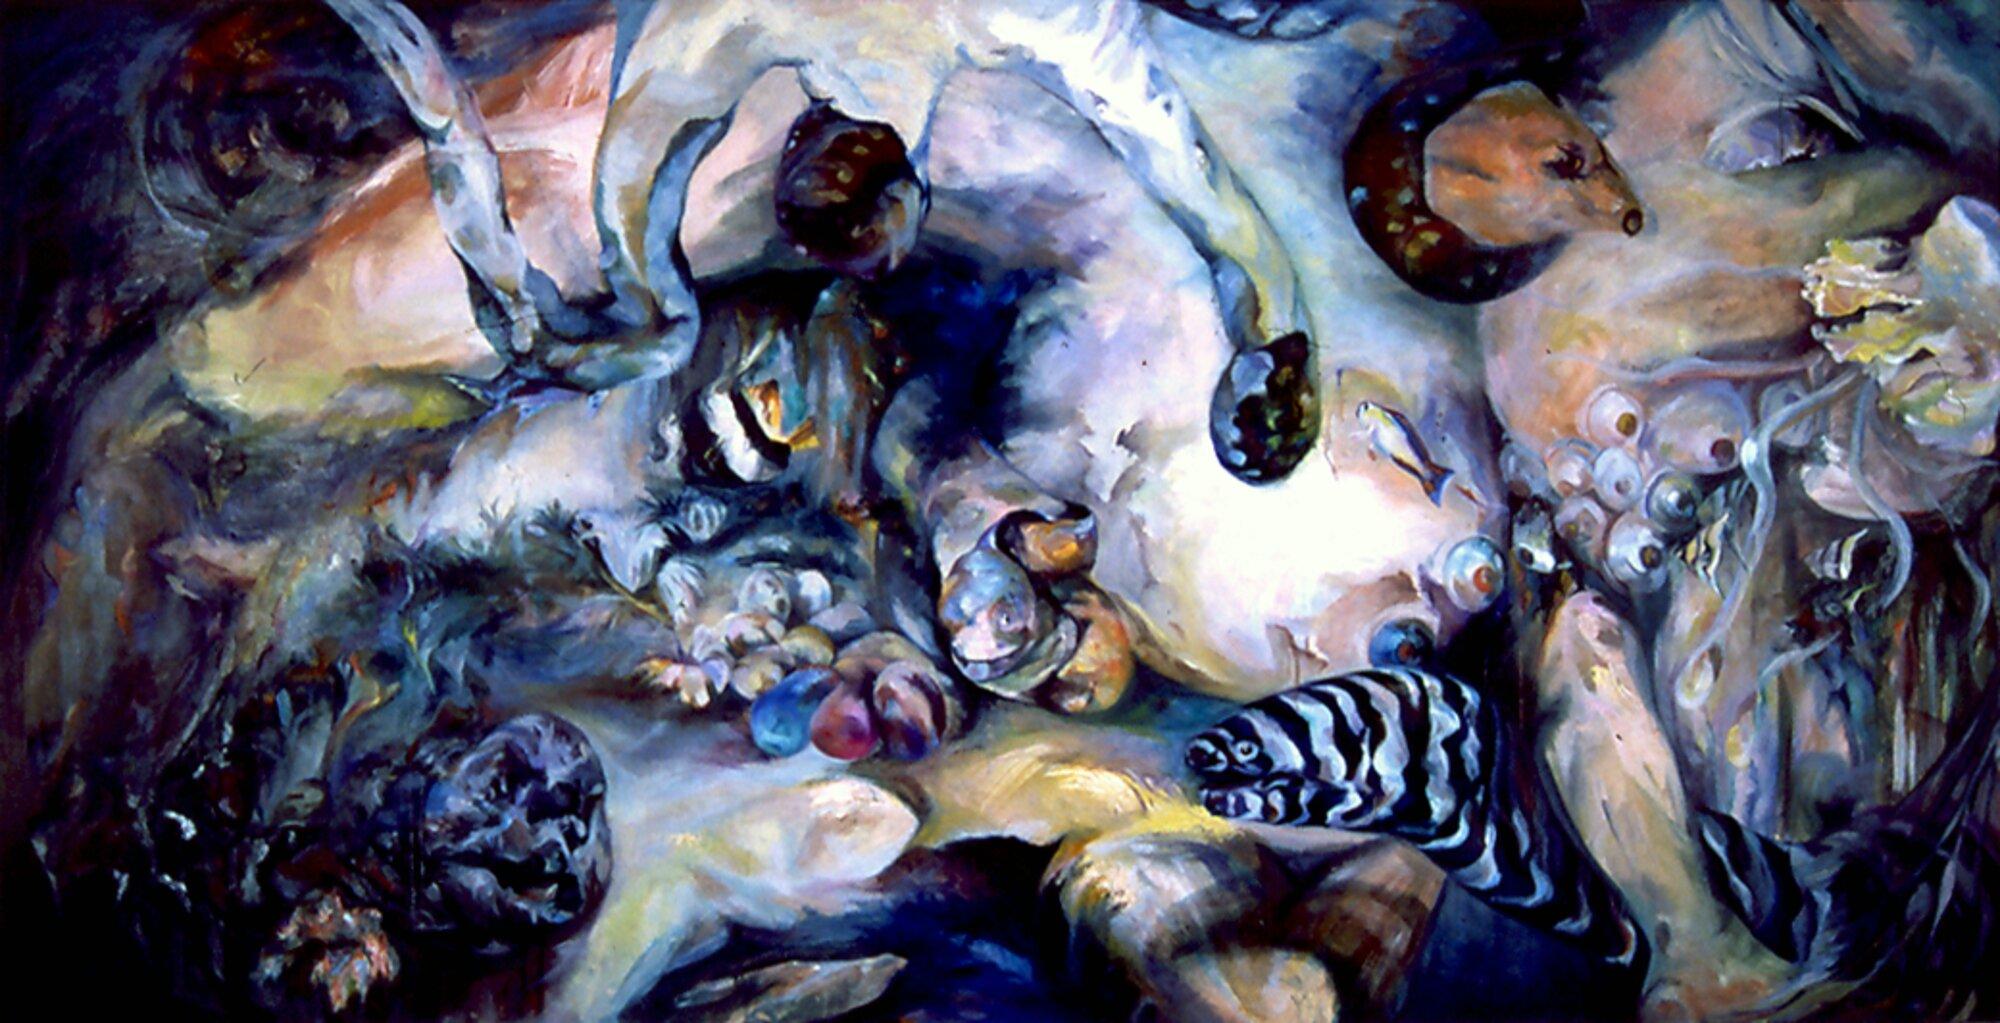 """Blue Sacrament, 2004, Oil on canvas, 60"""" x 120"""""""